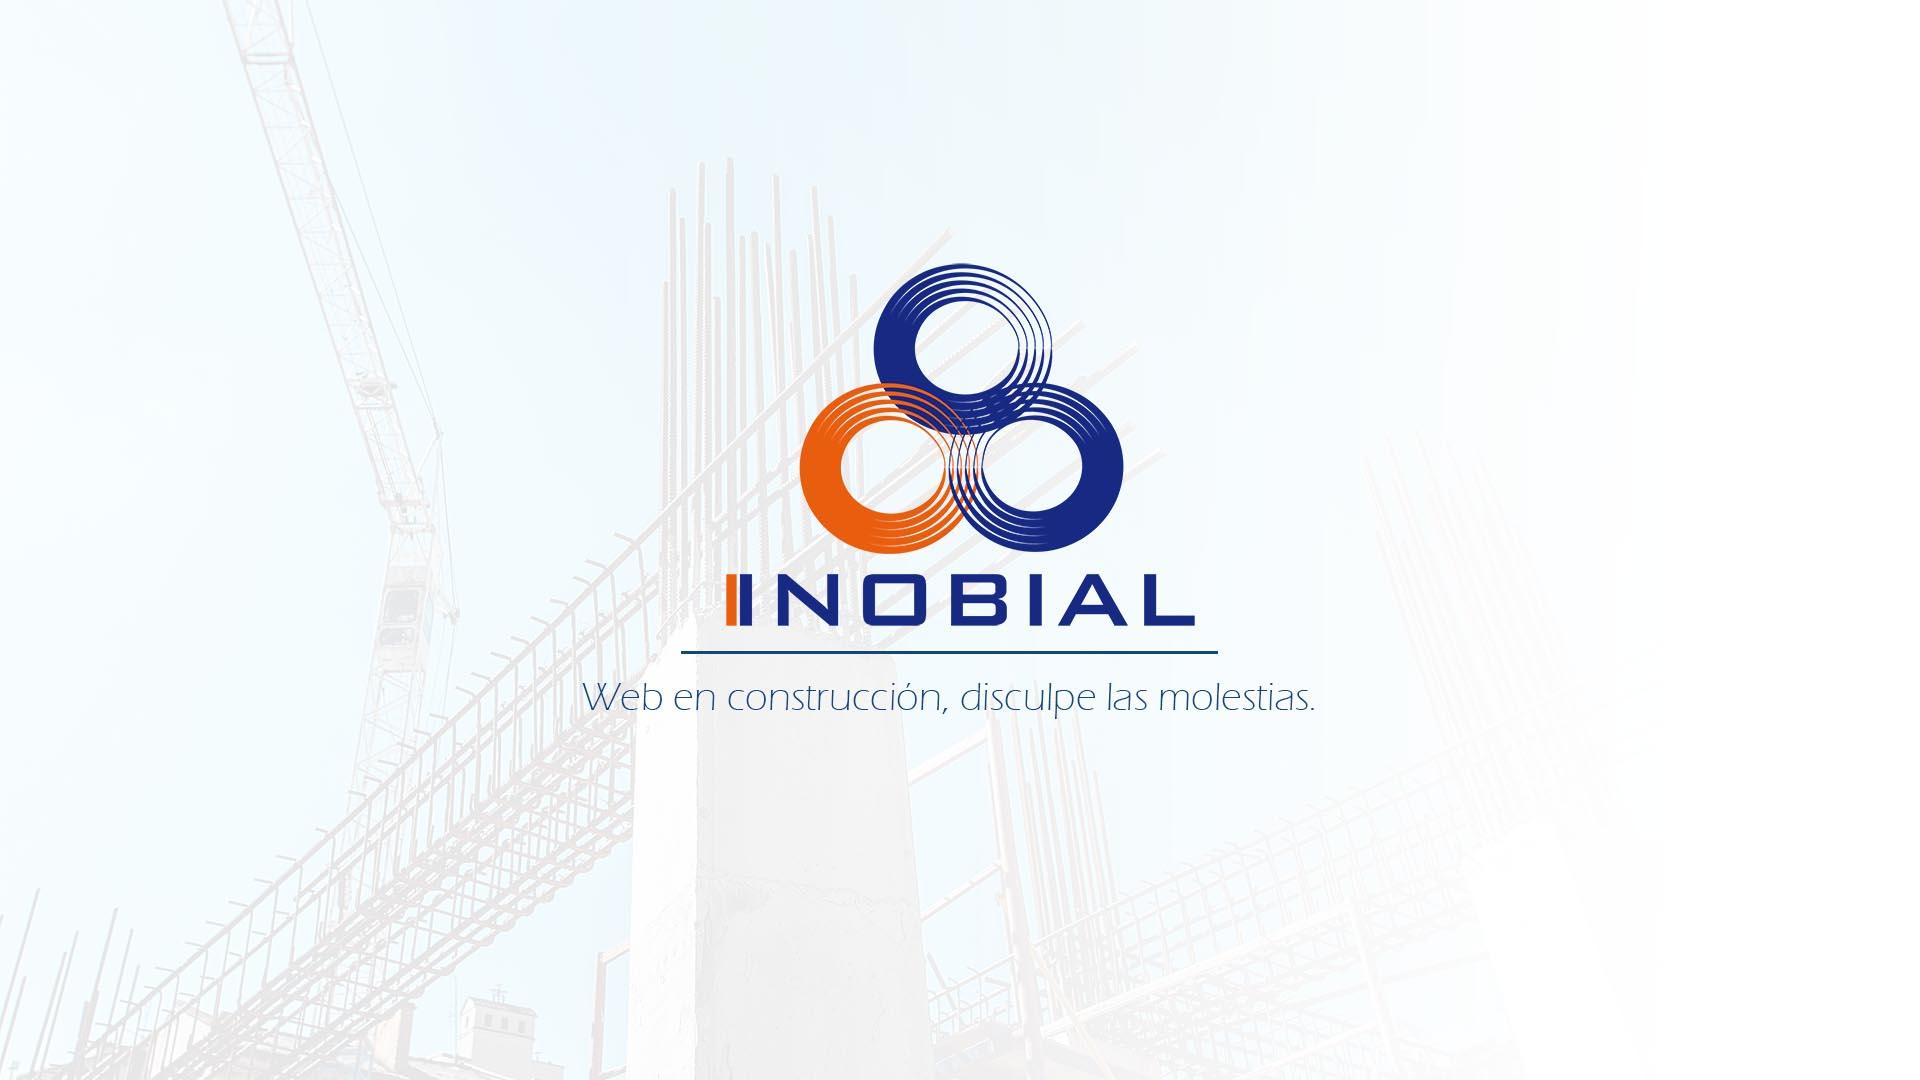 Web en construccion INOBIAL